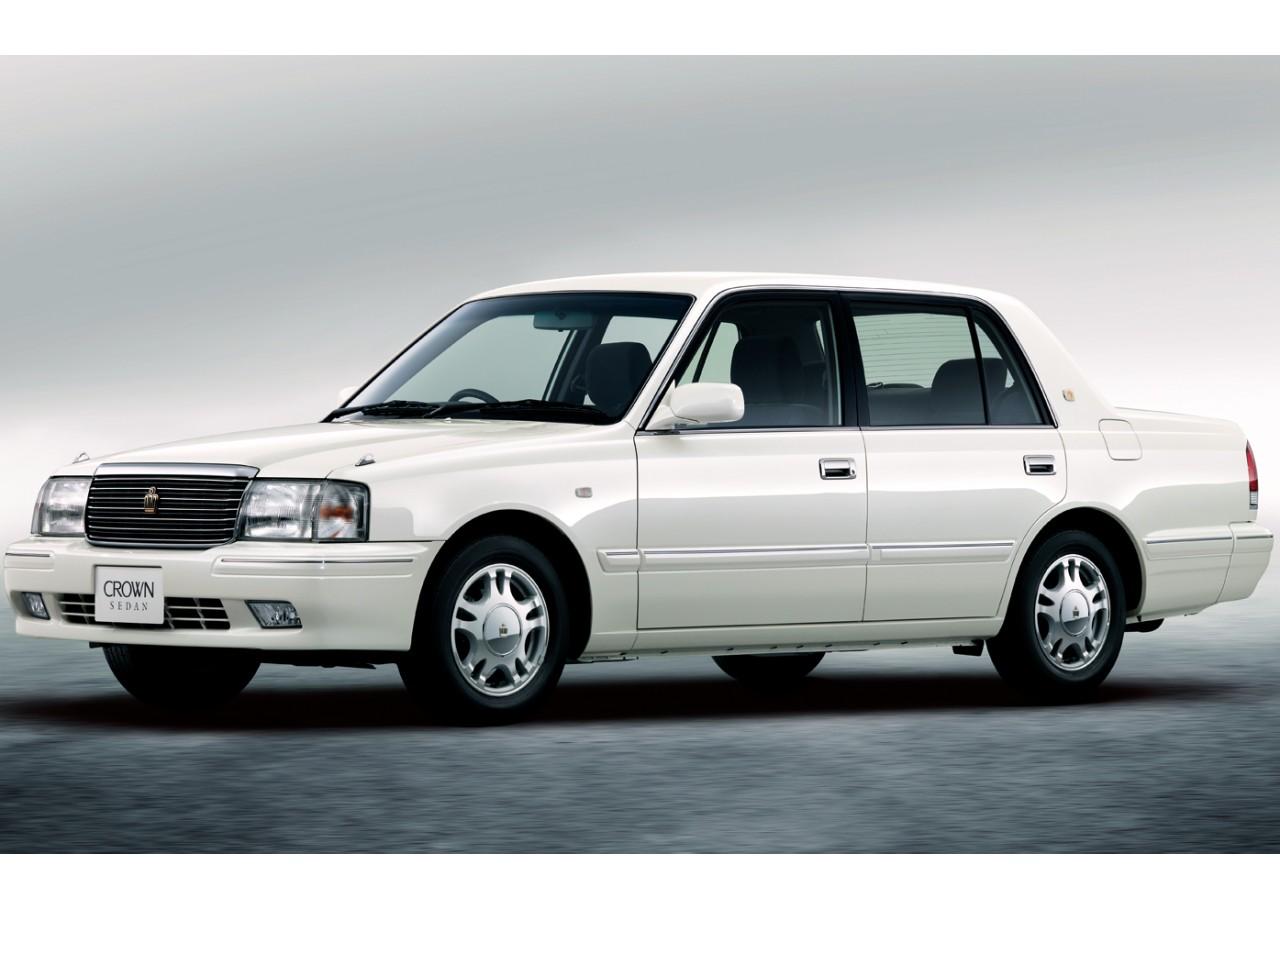 トヨタ クラウン セダン 2001年モデル 新車画像